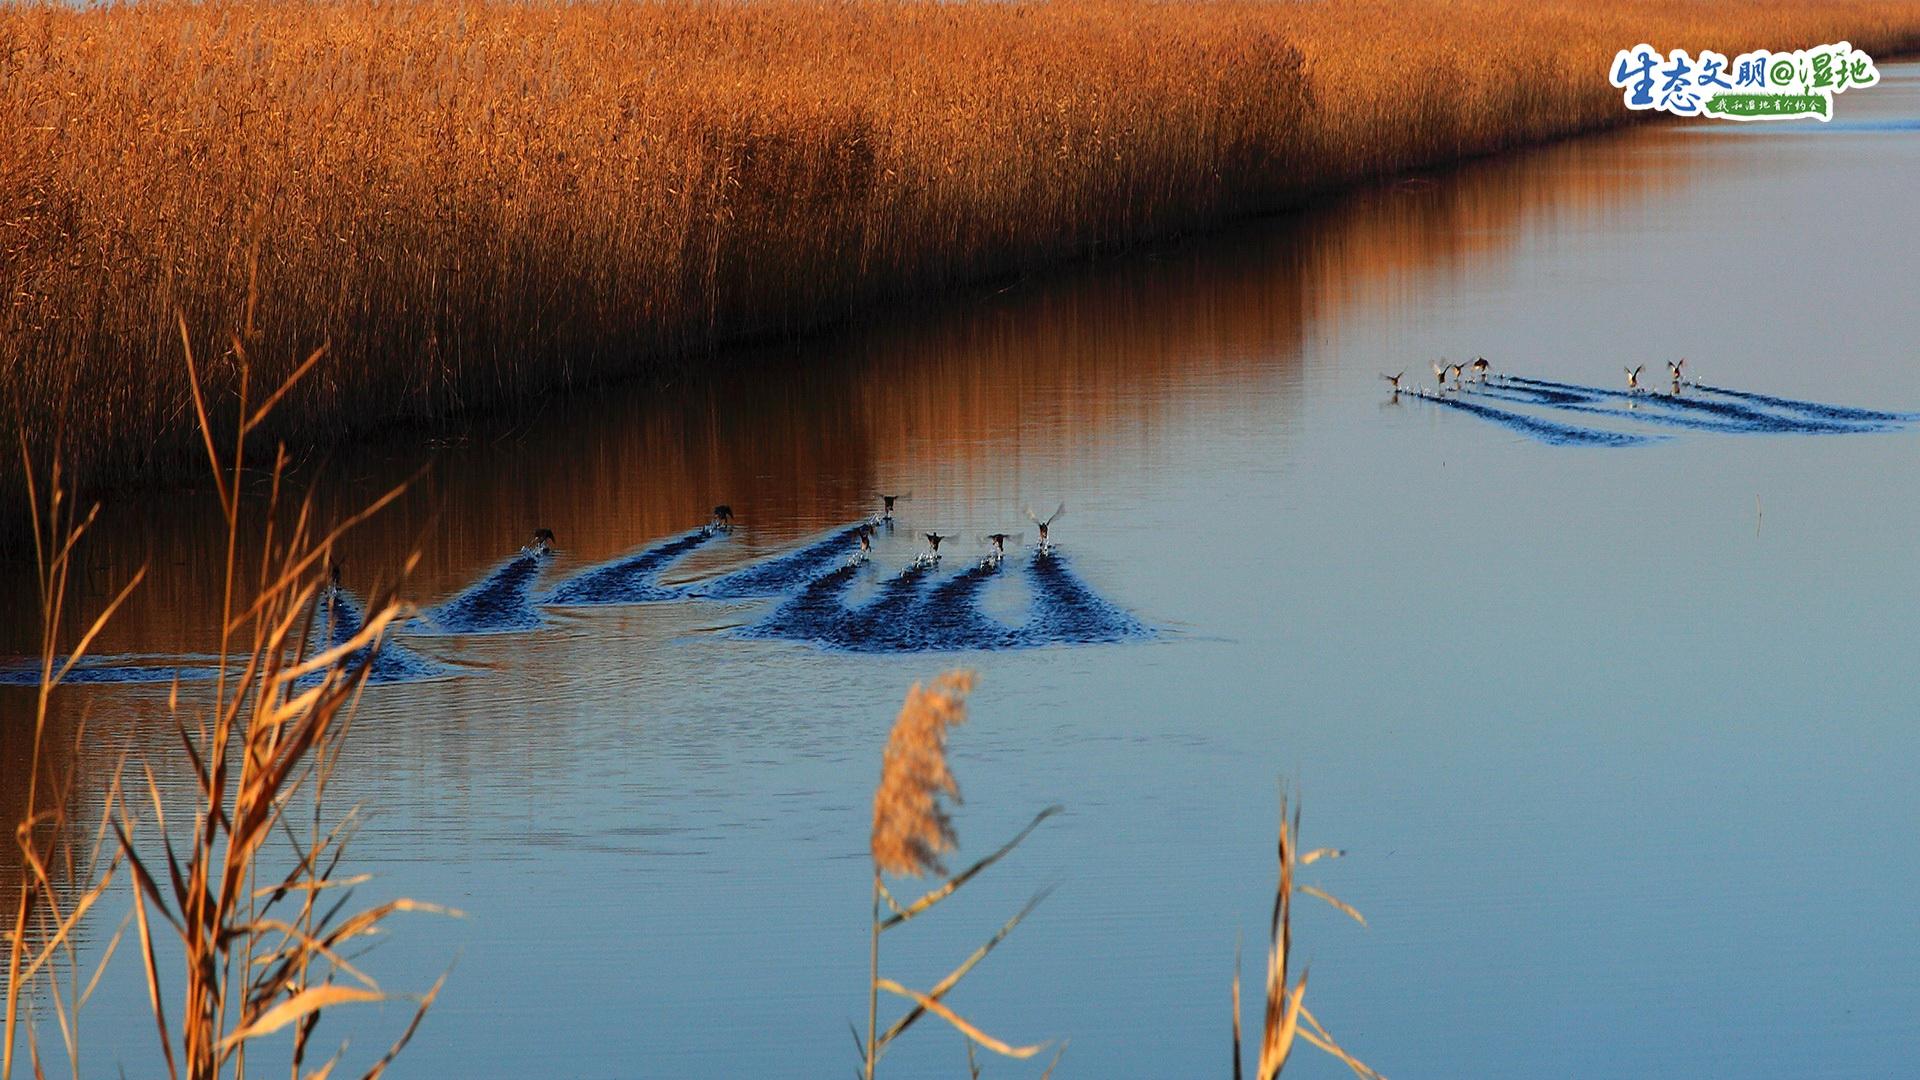 天津地处九河下梢,湿地资源丰富,根据第二次全国湿地资源调查,天津各类湿地总面积29.56万公顷,陆域湿地占全市国土面积的17.1%。